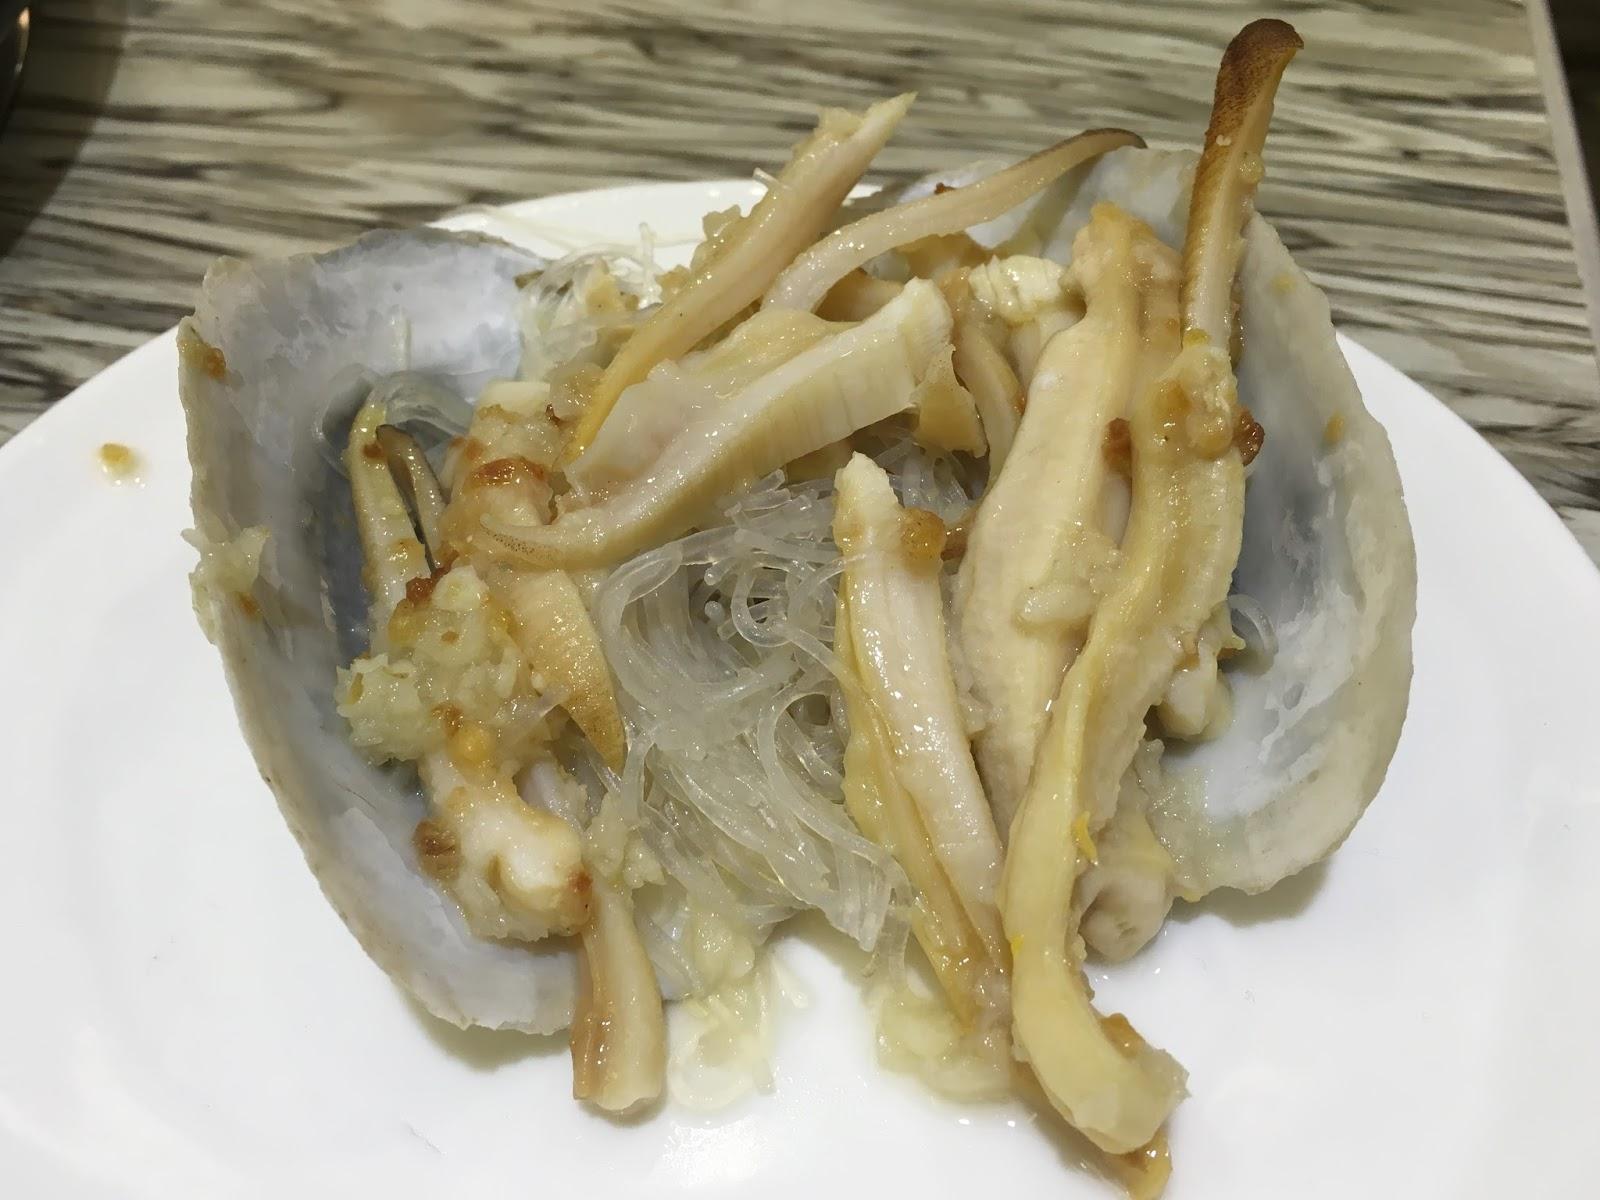 潮福 - 再次品嚐鮮甜無比的蒸海鮮 - - SeeWide